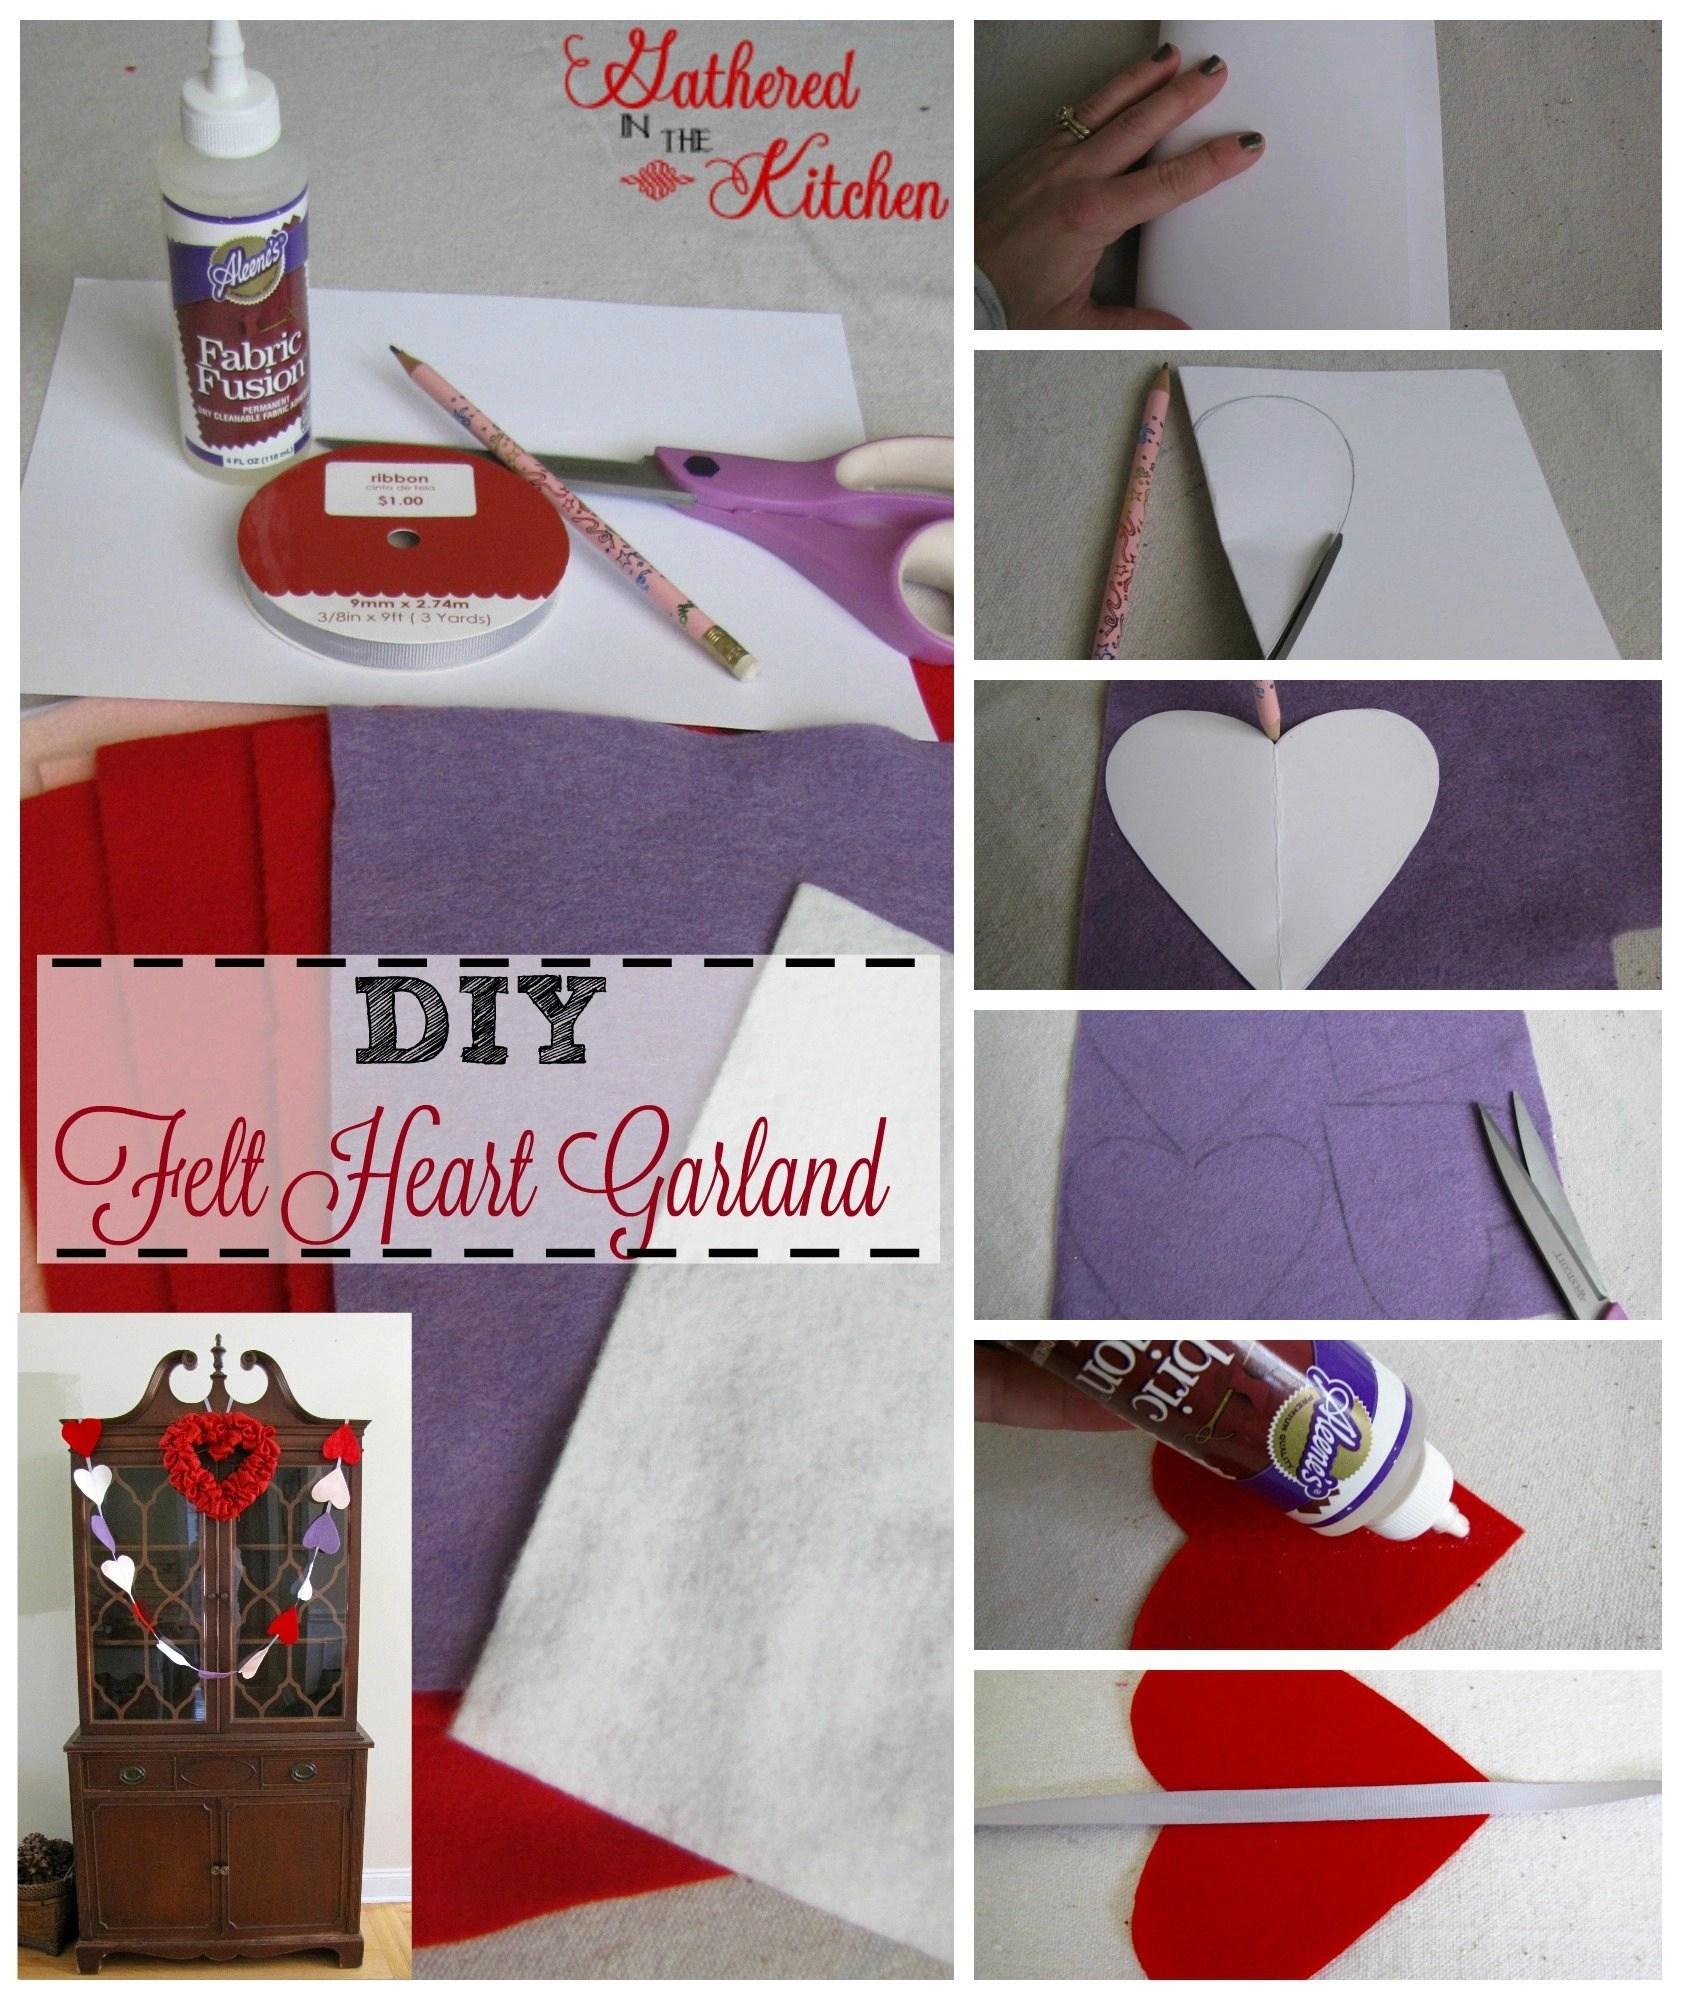 diy felt heart garland